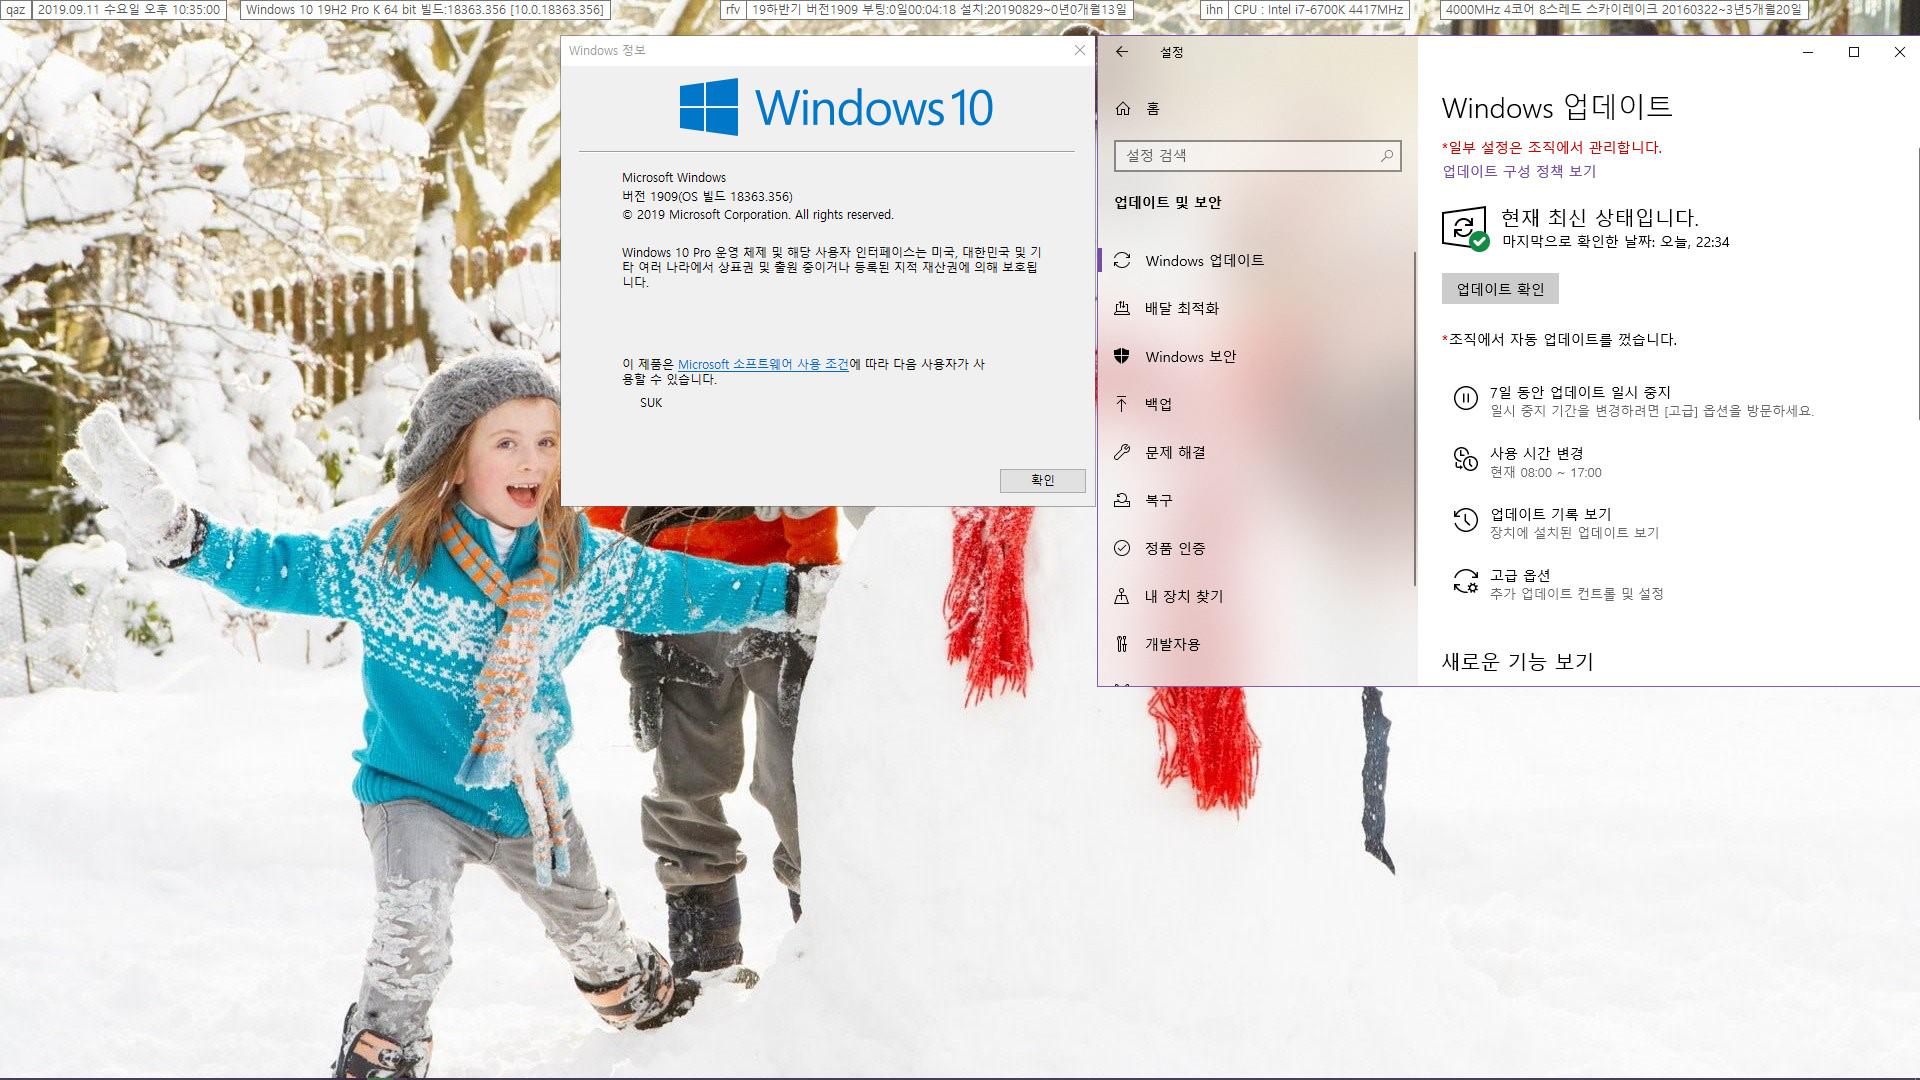 2019년 9월 11일 수요일 정기 업데이트 - Windows 10 버전 1909 누적 업데이트 KB4515384 (OS 빌드 18363.356) [2019-09-10 일자] 릴리스 프리뷰 - 실컴에 설치합니다 - 업데이트 파일들은 마지막 1개만 제외하고, 버전 1903 정식 버전과 같습니다 - 설치 완료 - 업데이트 누락 메시지도 없네요 2019-09-11_223500.jpg